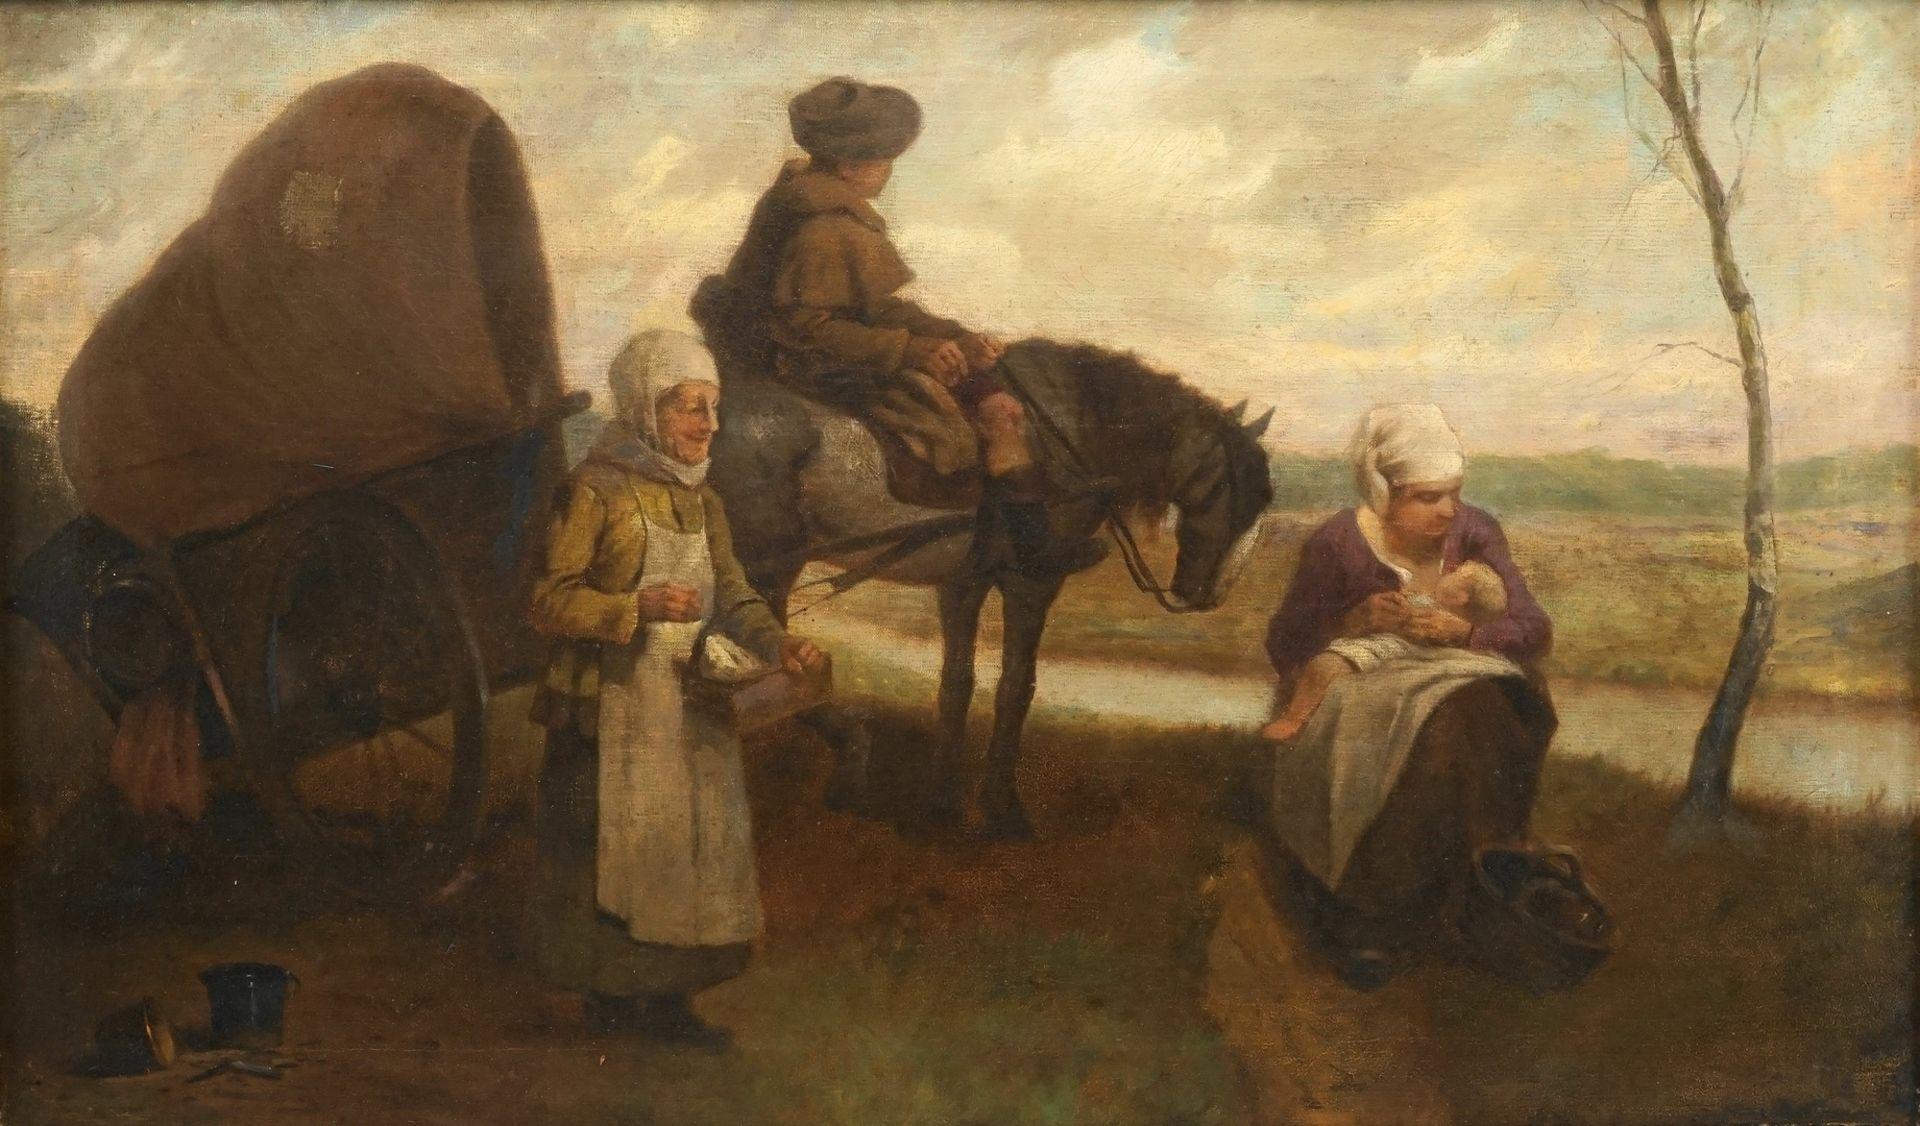 Unbekannter Maler, Rast auf der Reise mit dem Planwagen